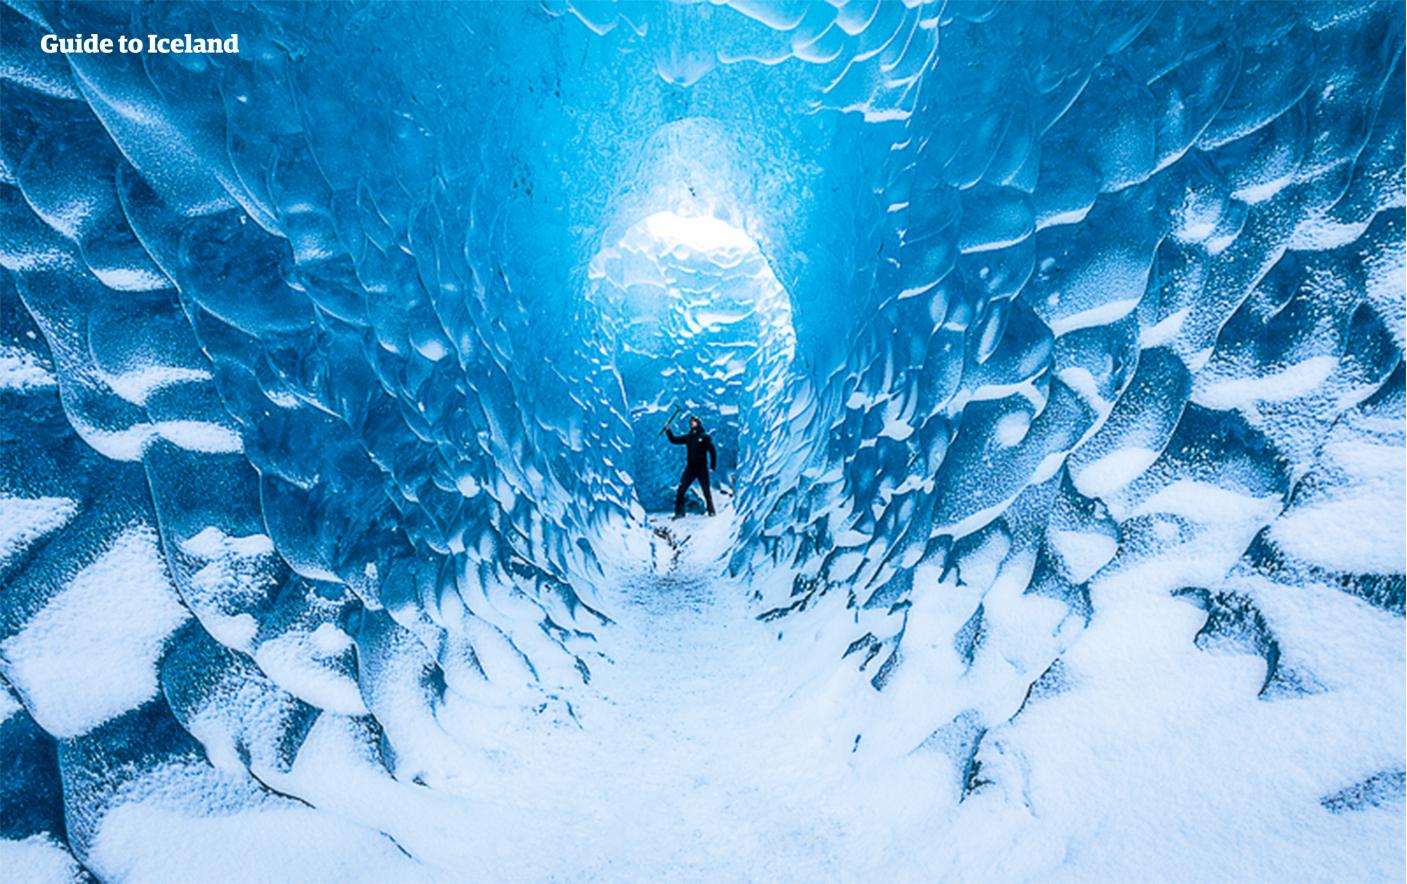 瓦特纳冰川内部的天然蓝冰洞是众多旅行者心目中的冰岛最美自然景色。